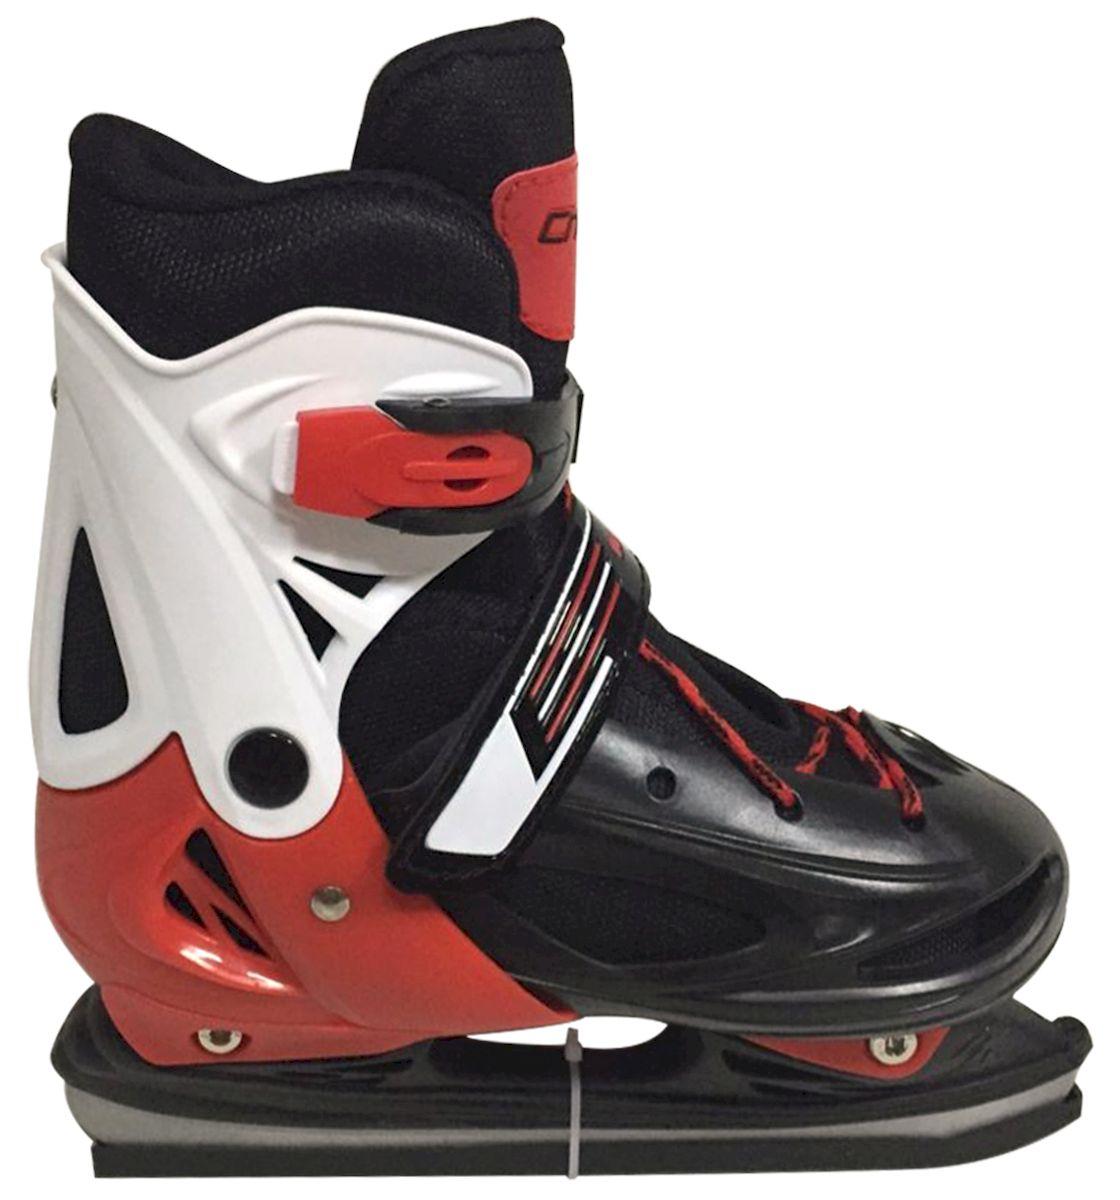 Коньки раздвижные Ice Blade Charlie, цвет: черный, красный, белый. УТ-00009120. Размер L (38/41)